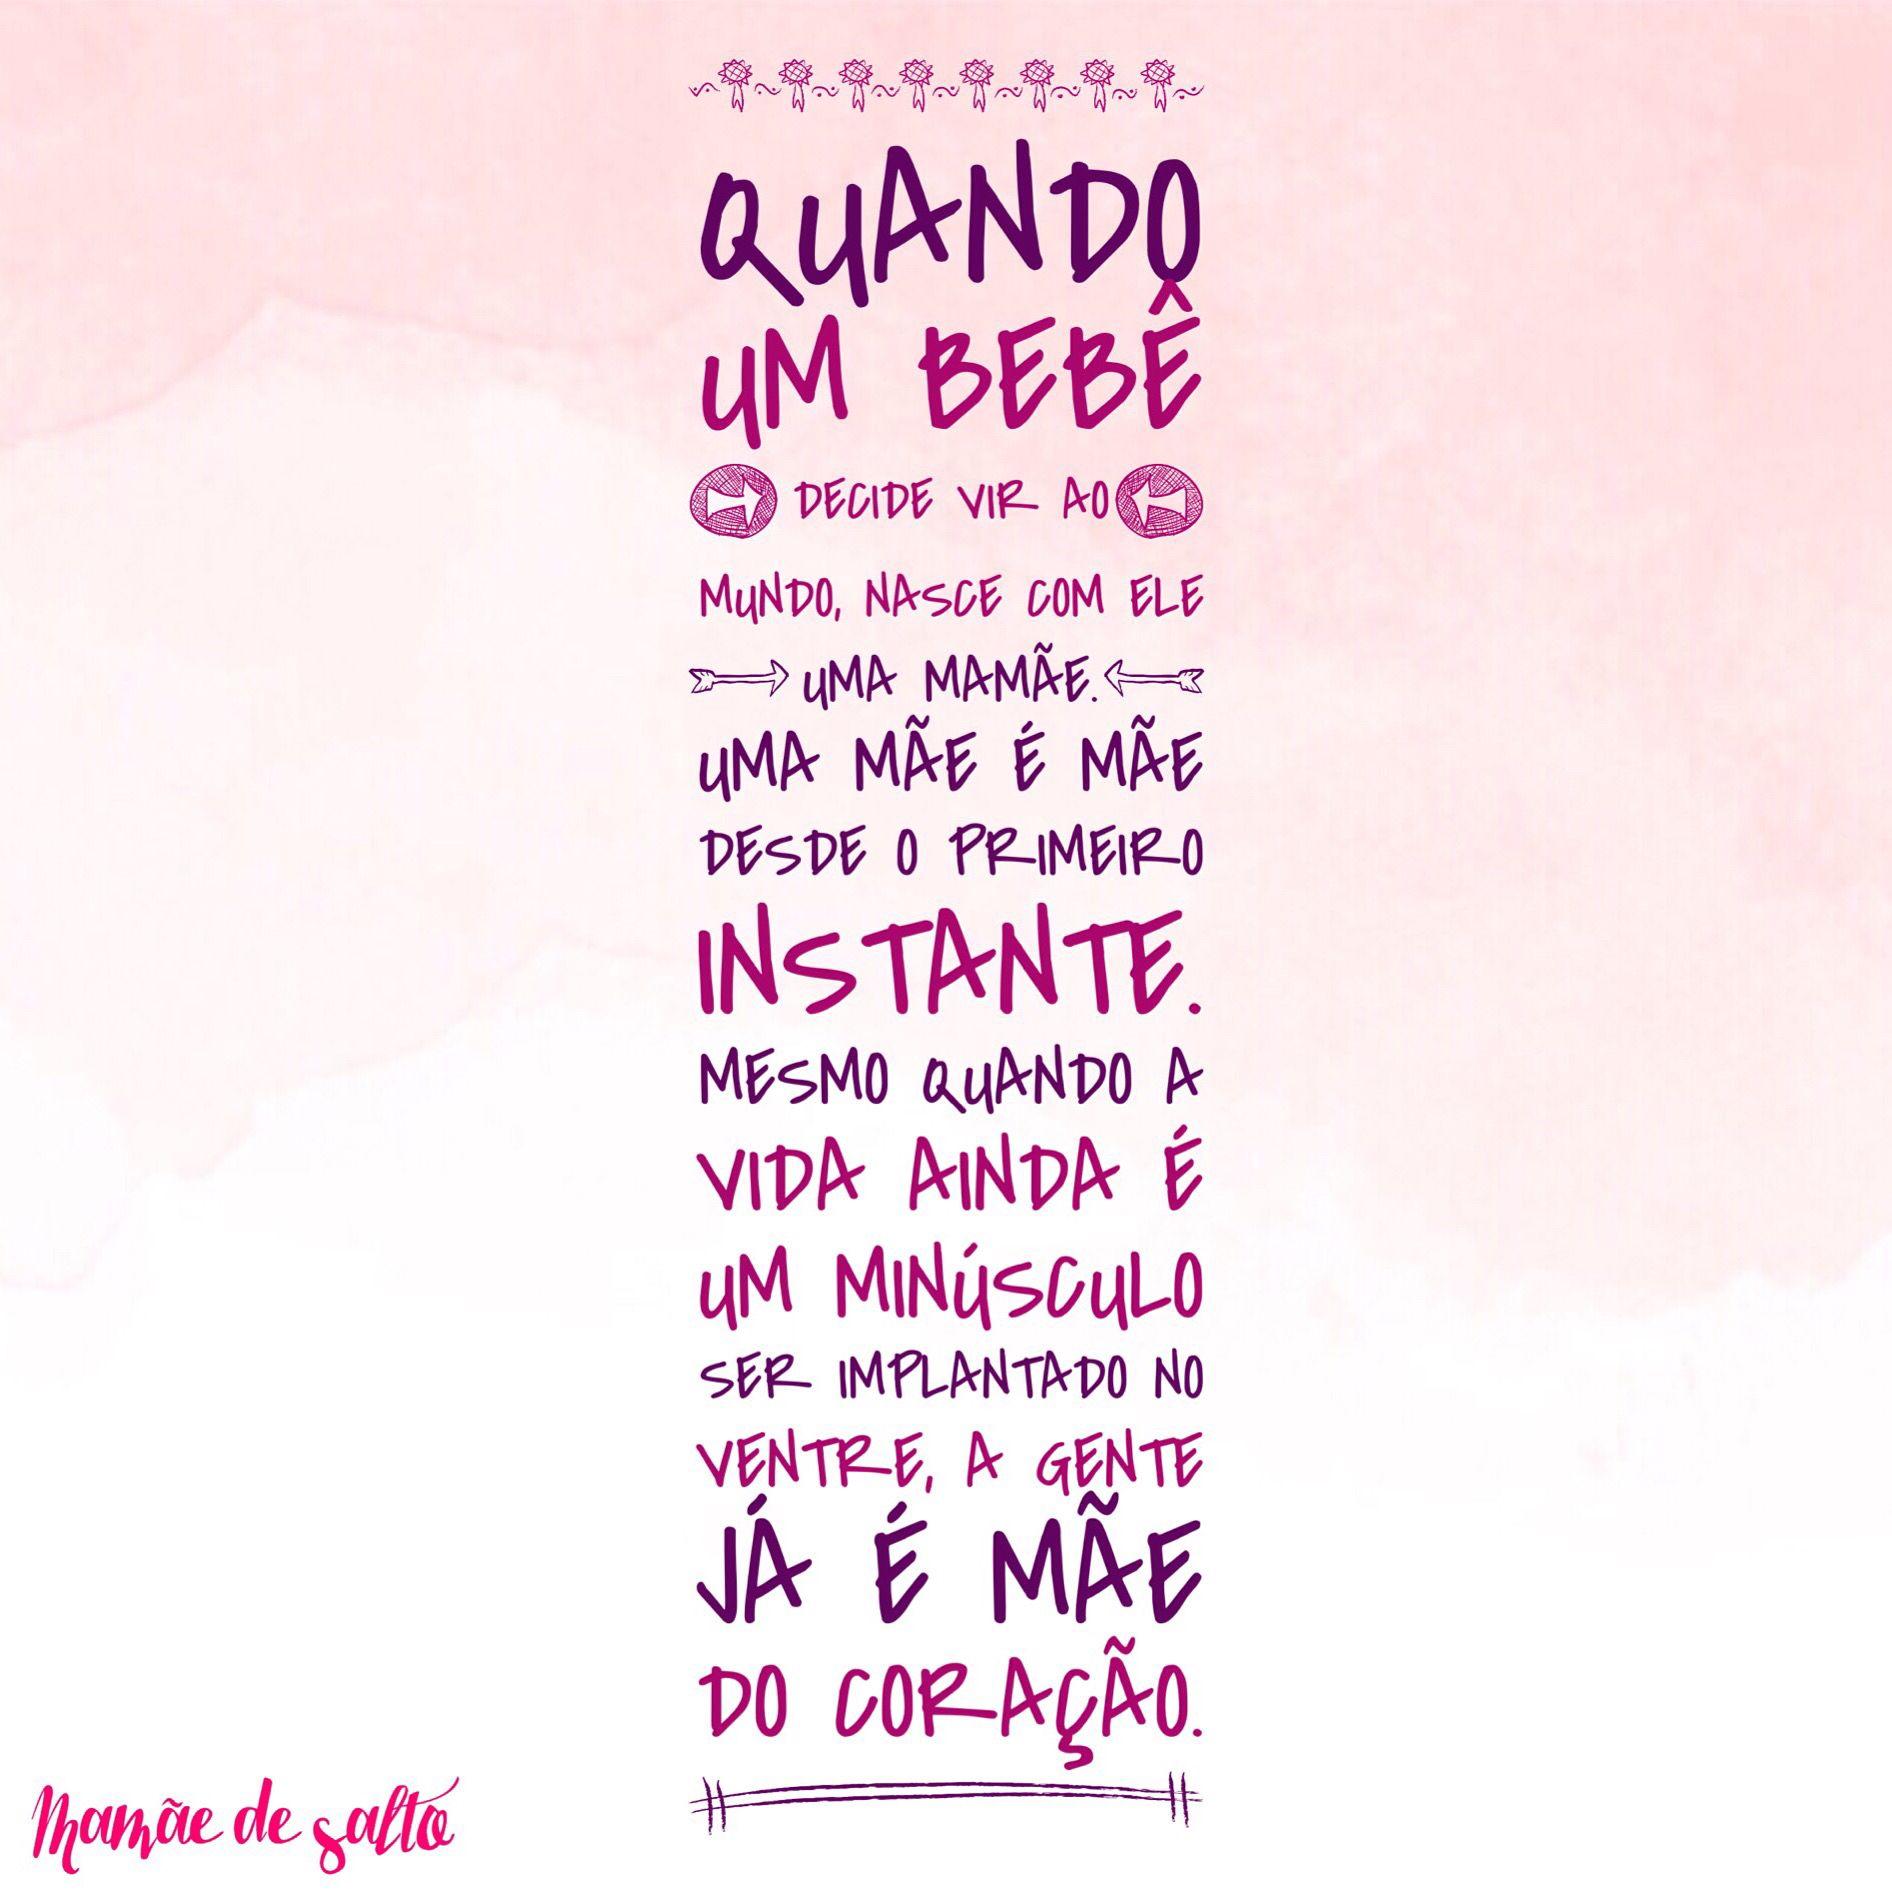 e nasce também um amor que cresce, que multiplica  ⠀ ⠀ ⠀ ⠀ ⠀ ⠀  #SerMãe #SouMãe #Maternidade #RealMomLife #AmorMaterno